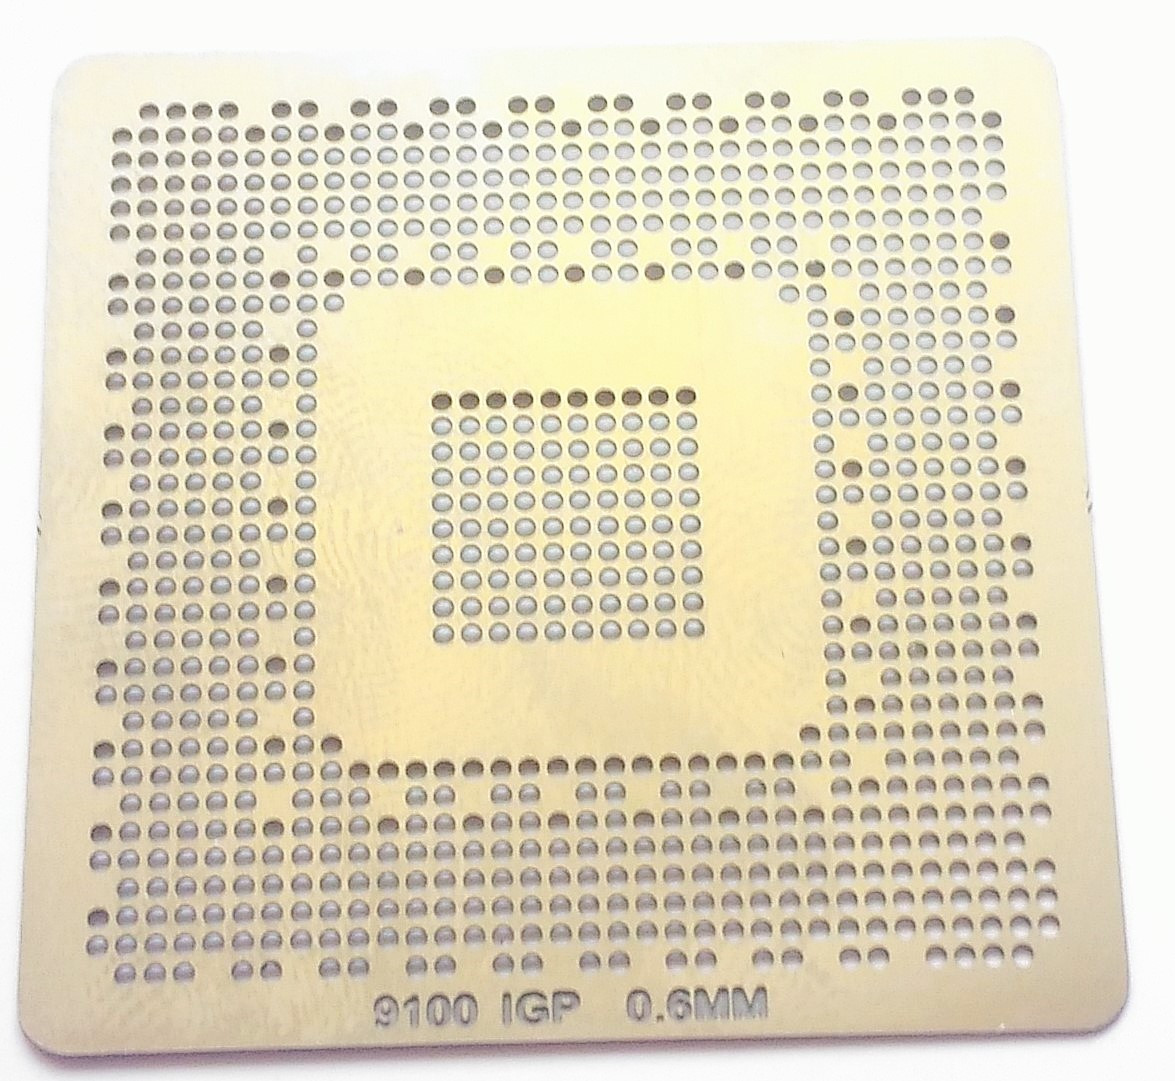 Трафарет BGA 9100 IGP, шар 0,6 мм